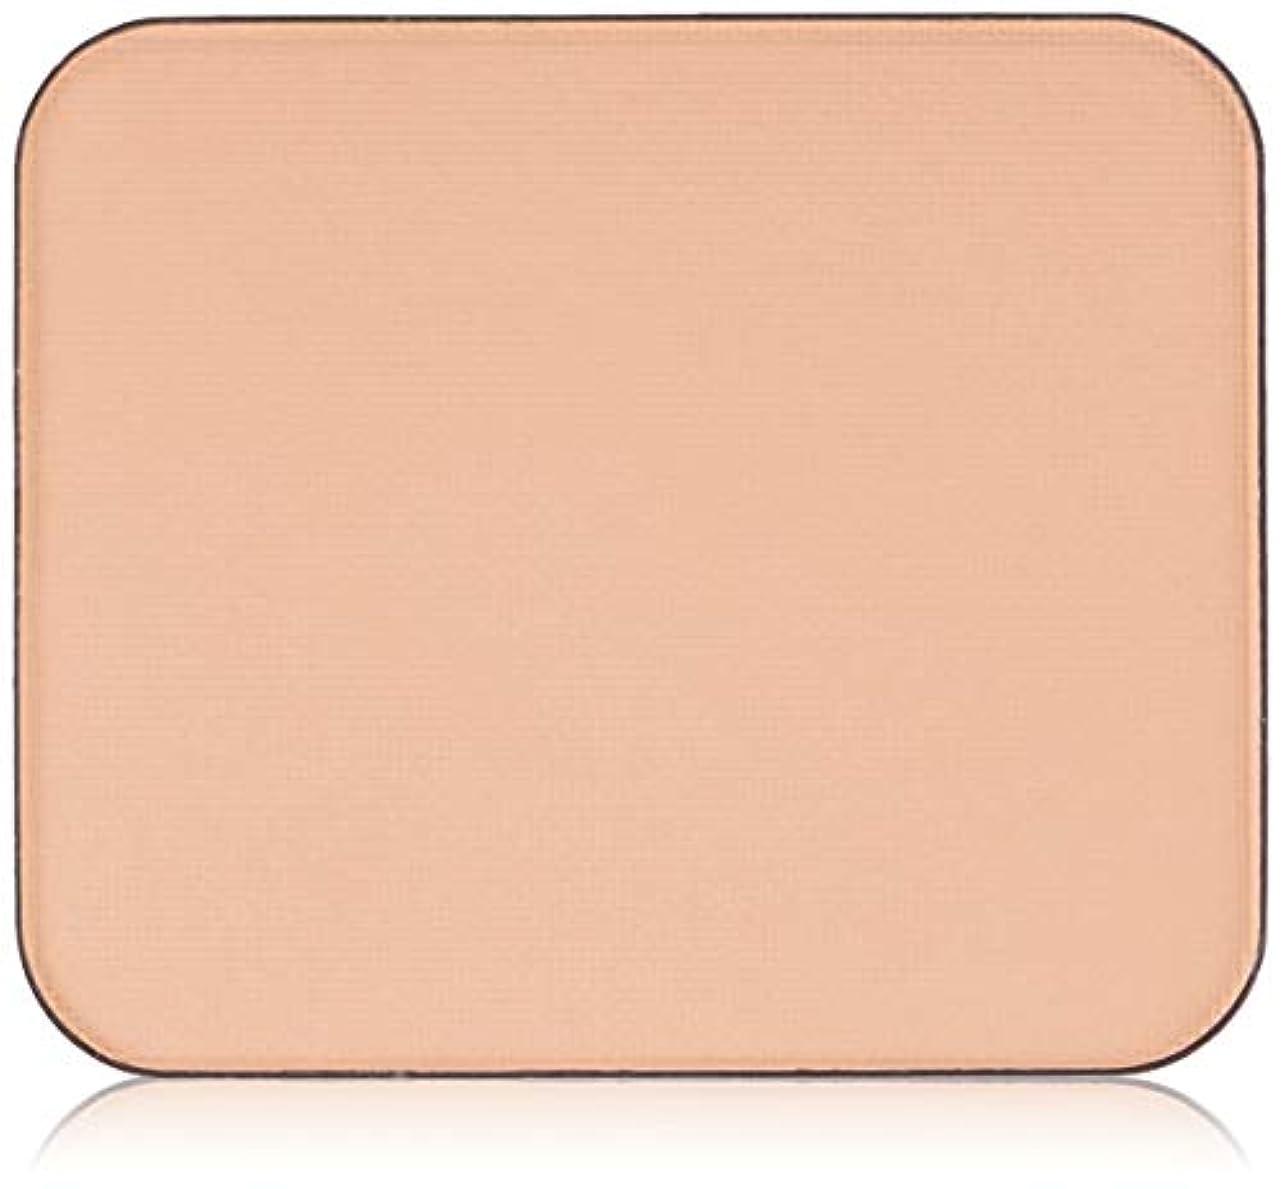 中性サイズトピックCelvoke(セルヴォーク) インテントスキン パウダーファンデーション 全5色 102 明るいオークル系(標準色)